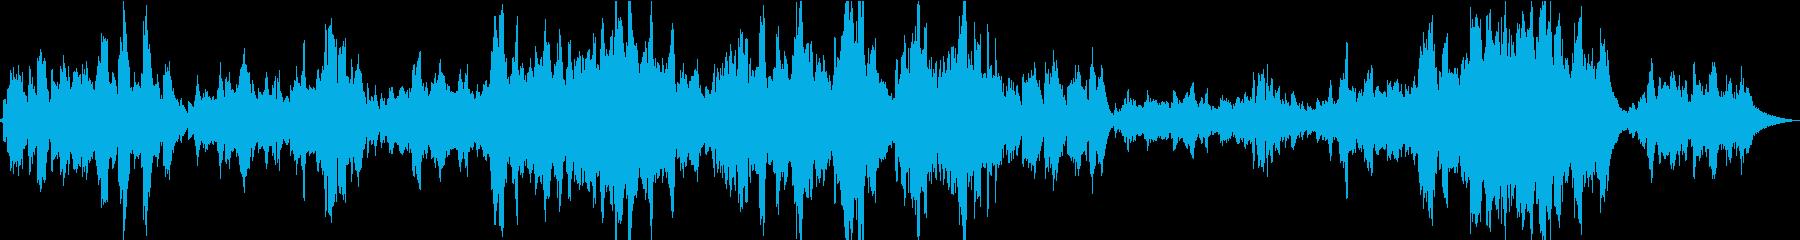 クラシックトリオ。アスター・ピアソ...の再生済みの波形